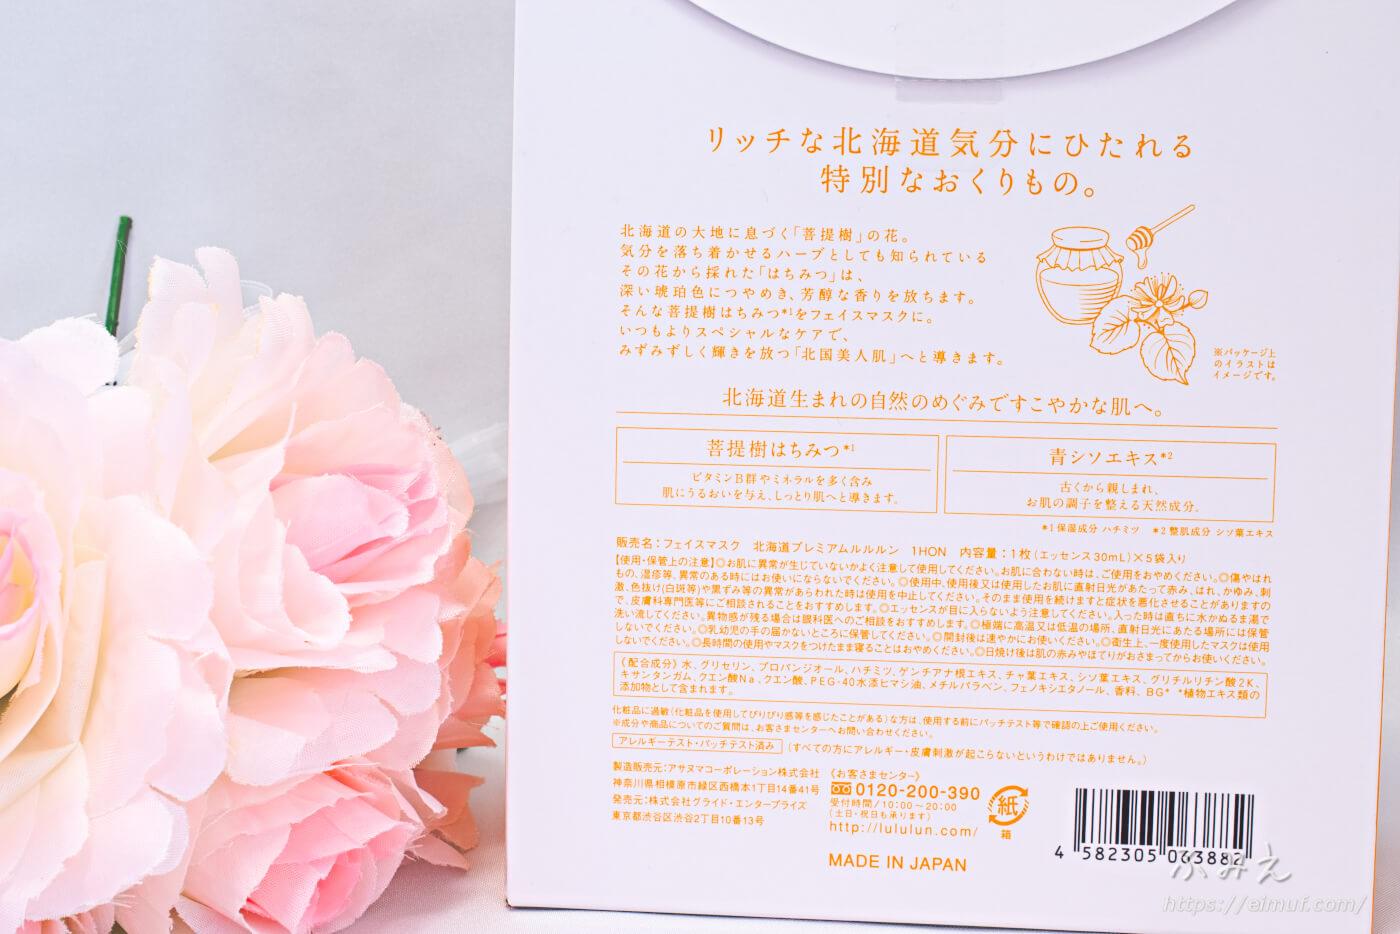 北海道のプレミアムルルルン(ウッディの香り) 大人のスペシャルケア パッケージ裏面